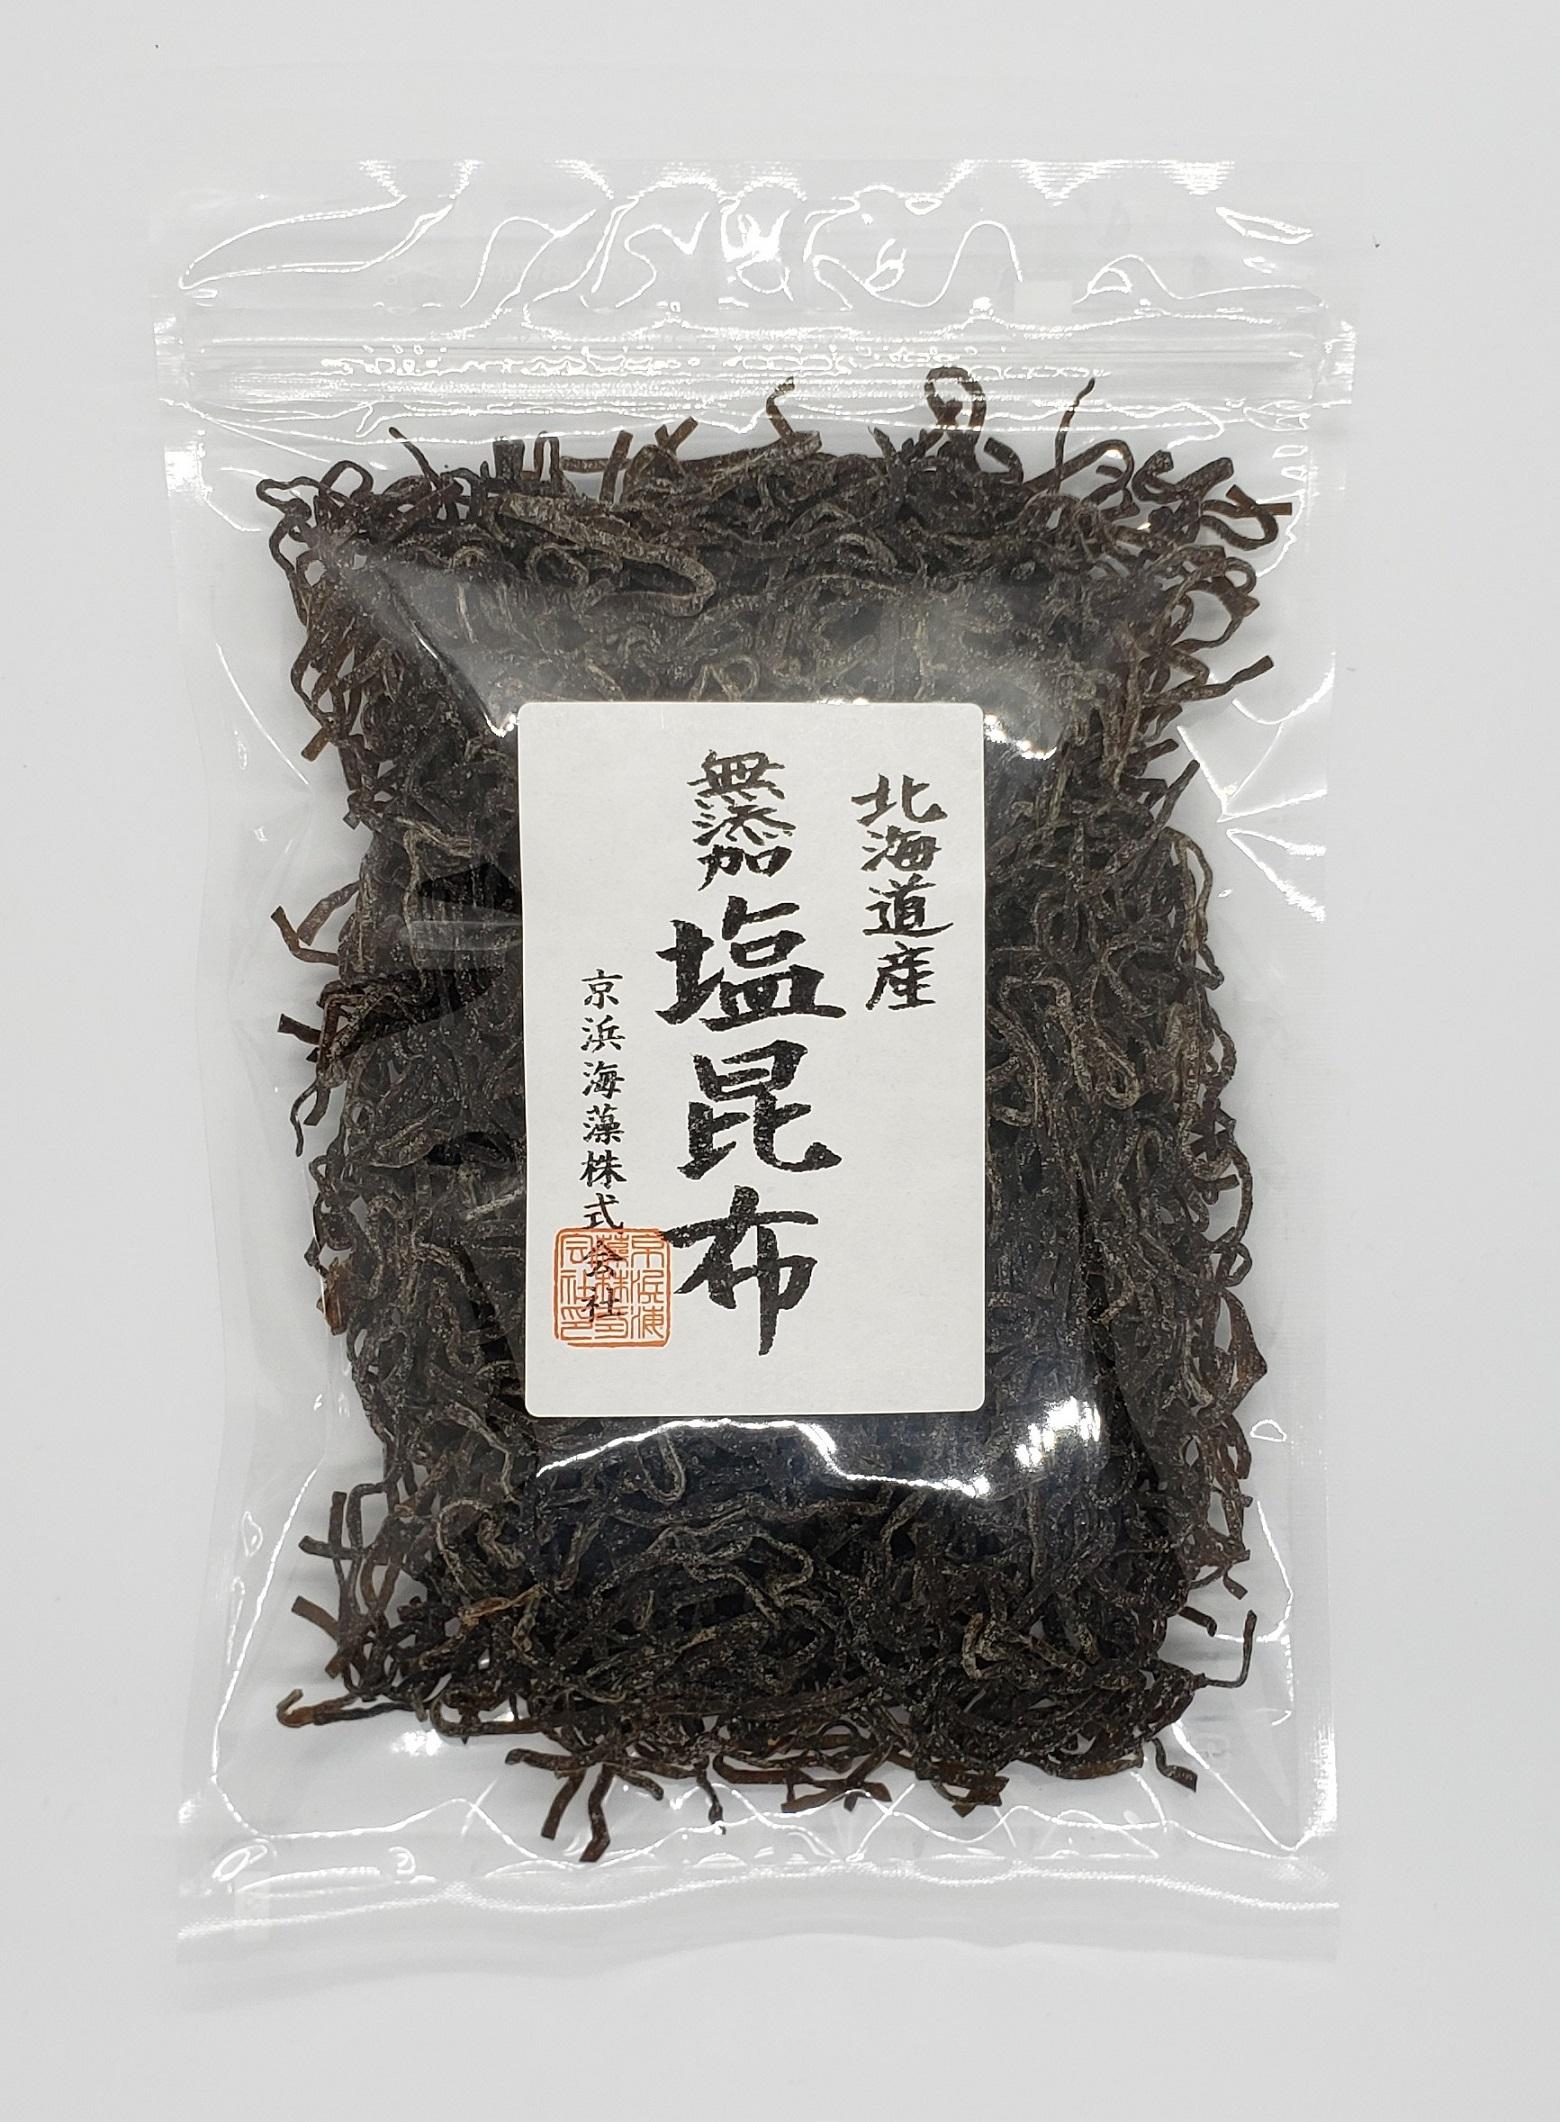 【無添加】【熱中症対策】【塩分摂取に!】簡単、便利塩昆布 150g